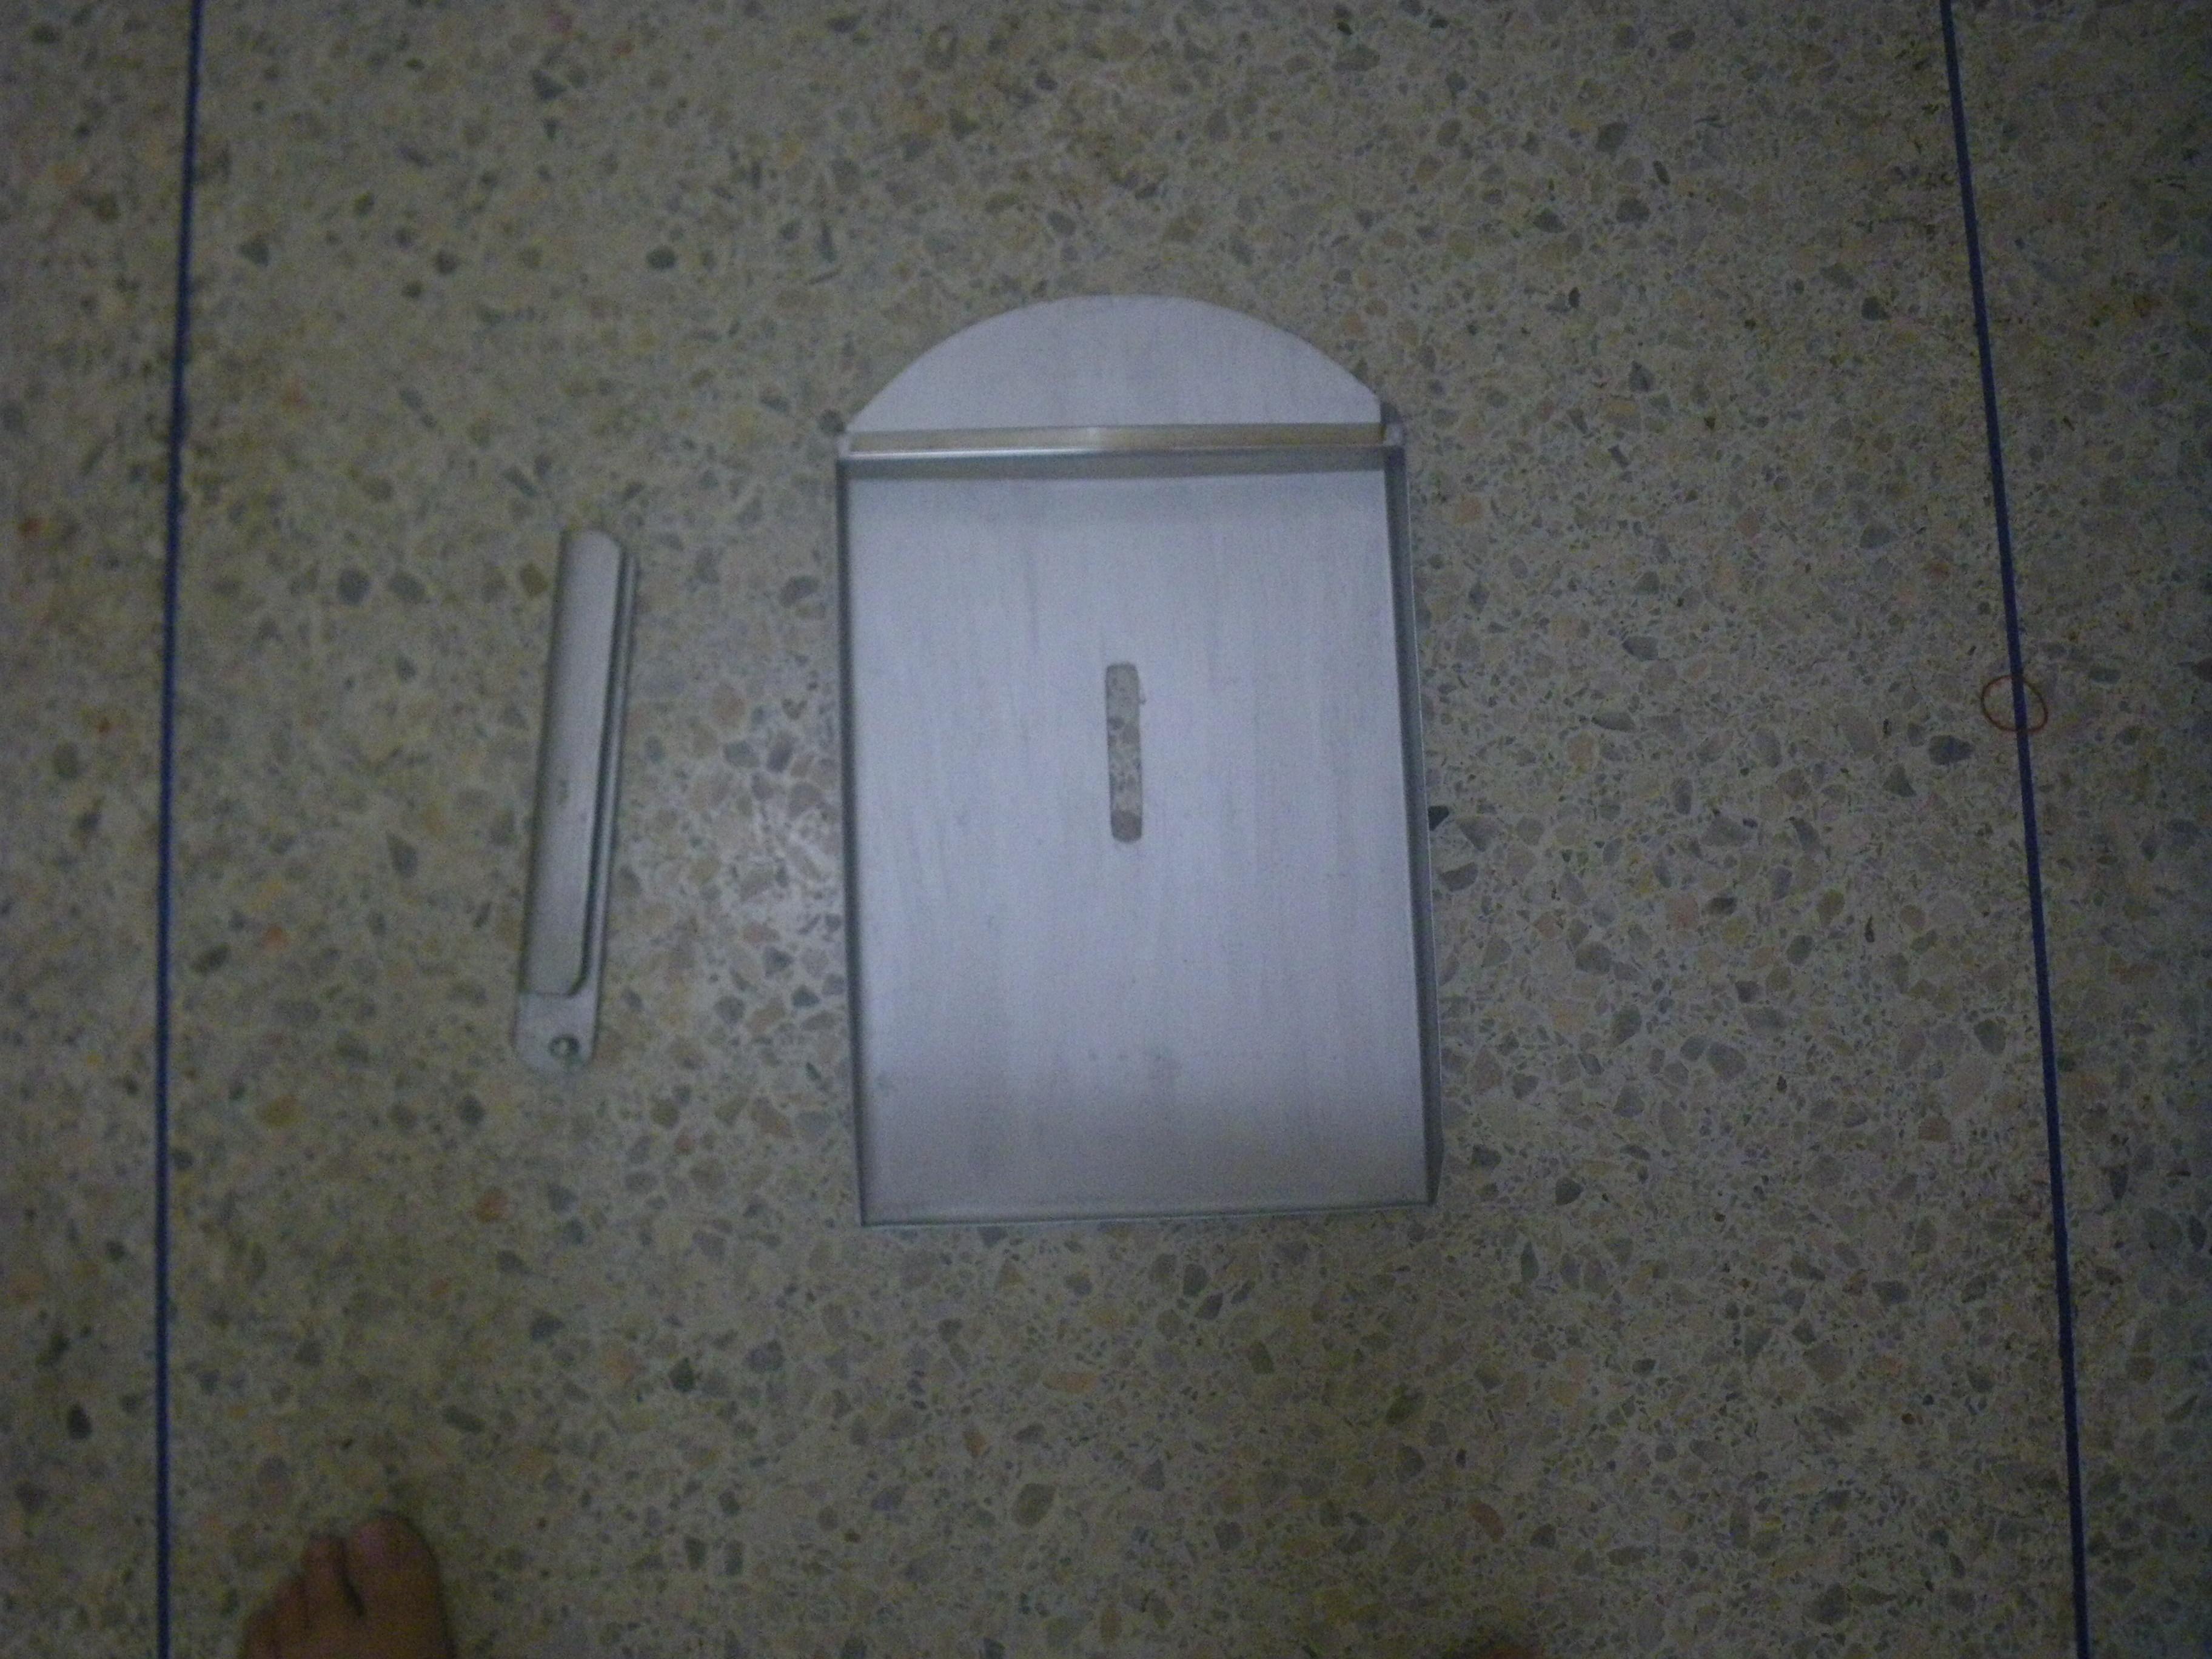 ชุดอุปกรณ์ป้องกันขโมย โจรงัดประตูหน้าบ้าน (อุปกรณ์ล็อคประตูบังตา+ อุปกรณ์แผ่นบังกุญแจประตูเหล็กหน้าบ้าน)